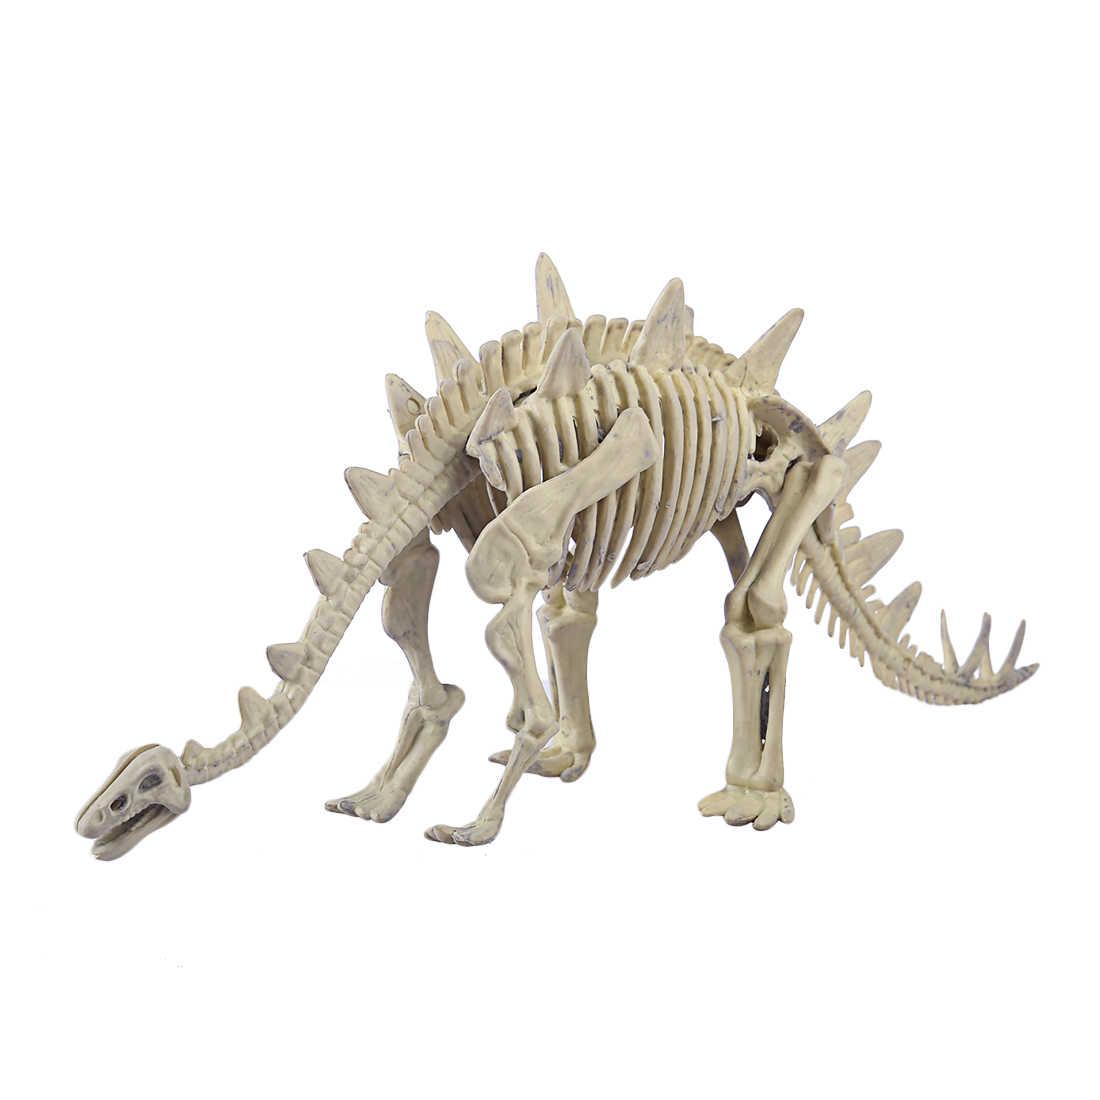 Откройте для себя набор Динозавров Скелет и кости модель археологии игрушки в виде ископаемых животных творческие обучающие игрушки для детей